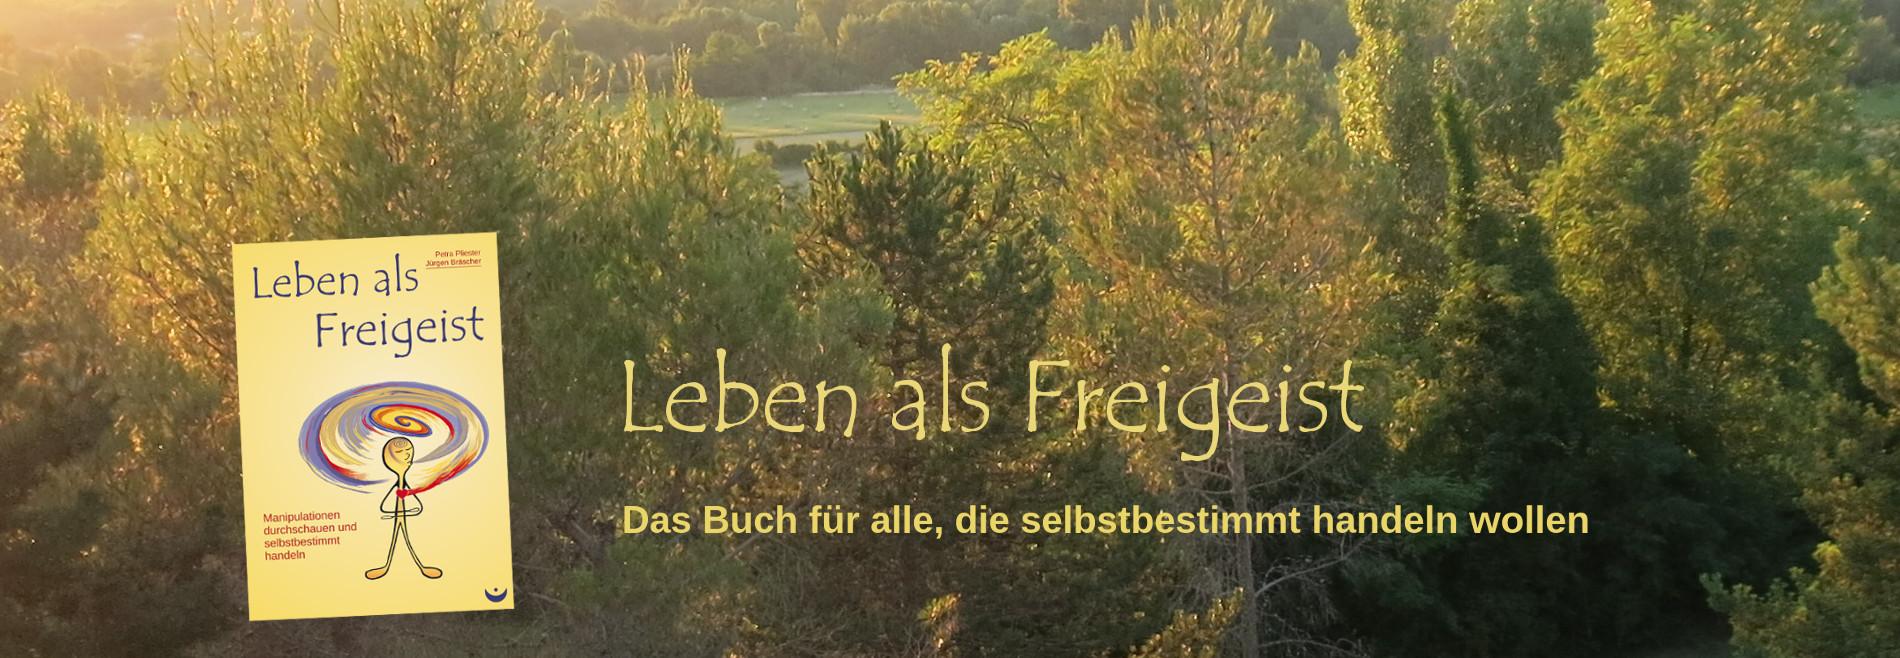 BlogSlider_LebenAlsFreigeist-5